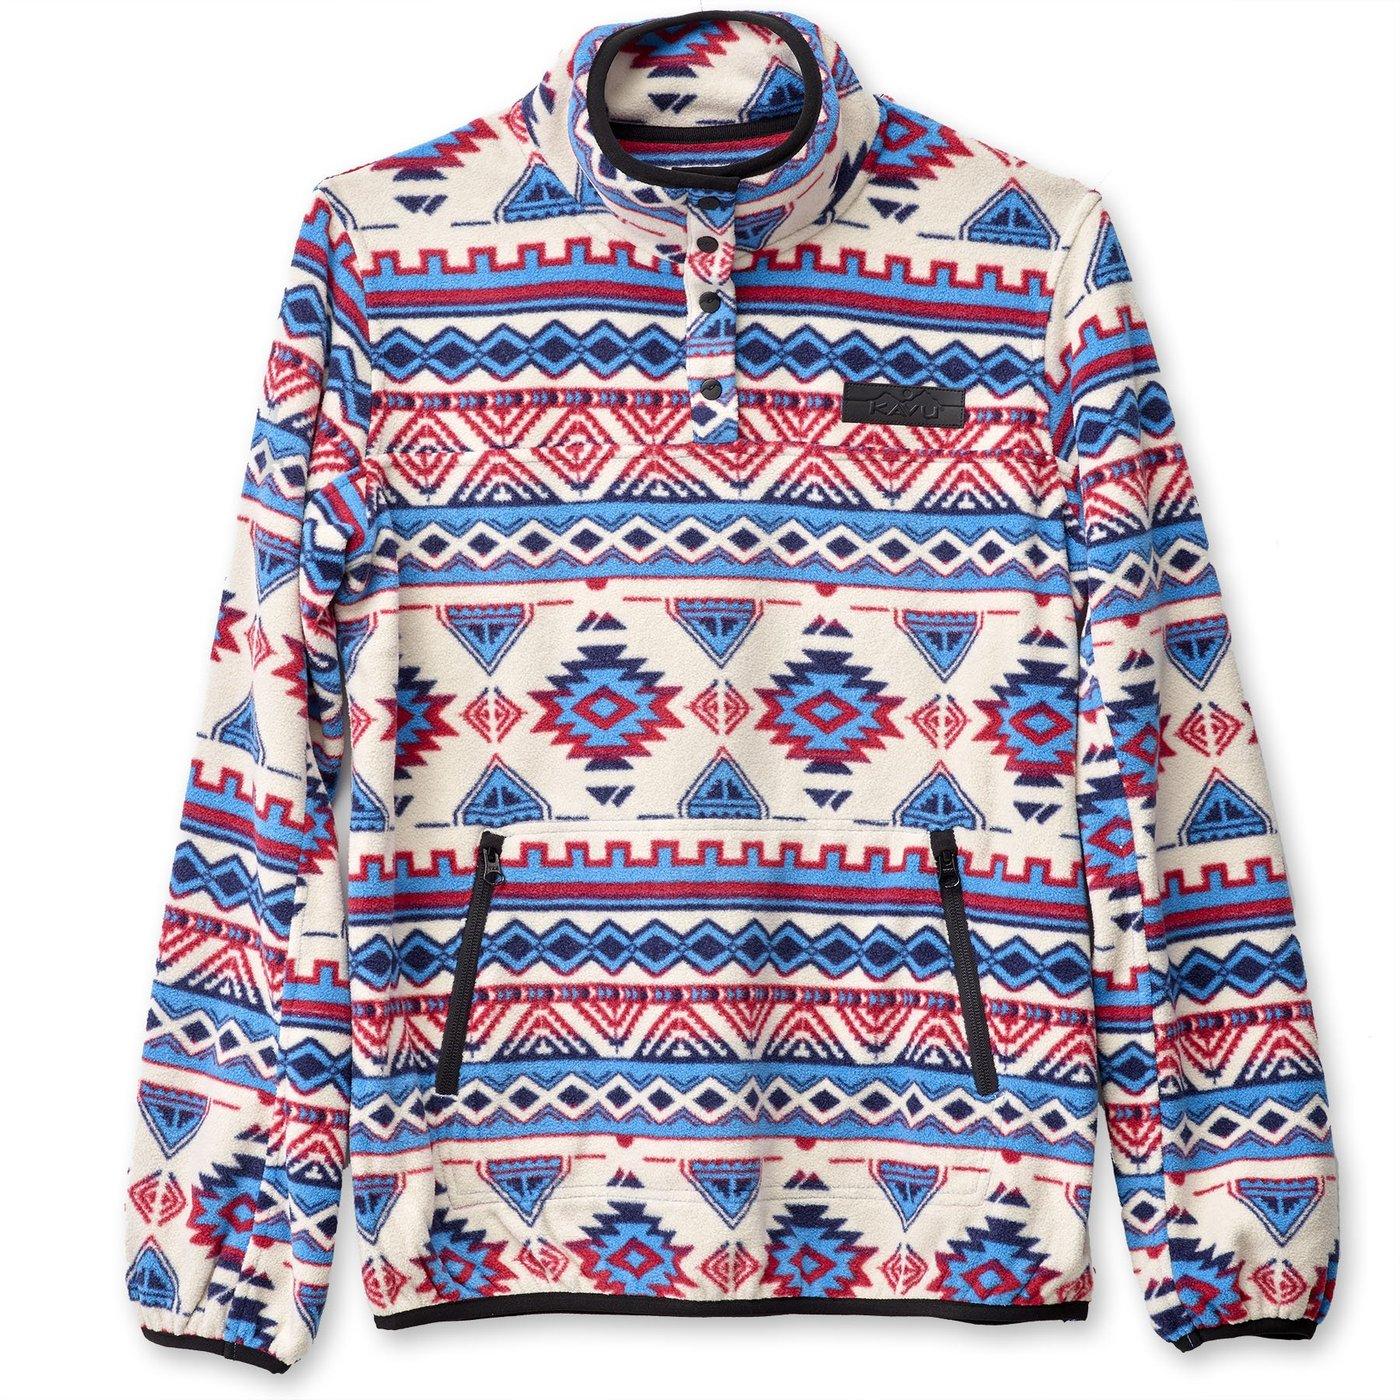 KAVU Cavanaugh Fleece Jacket